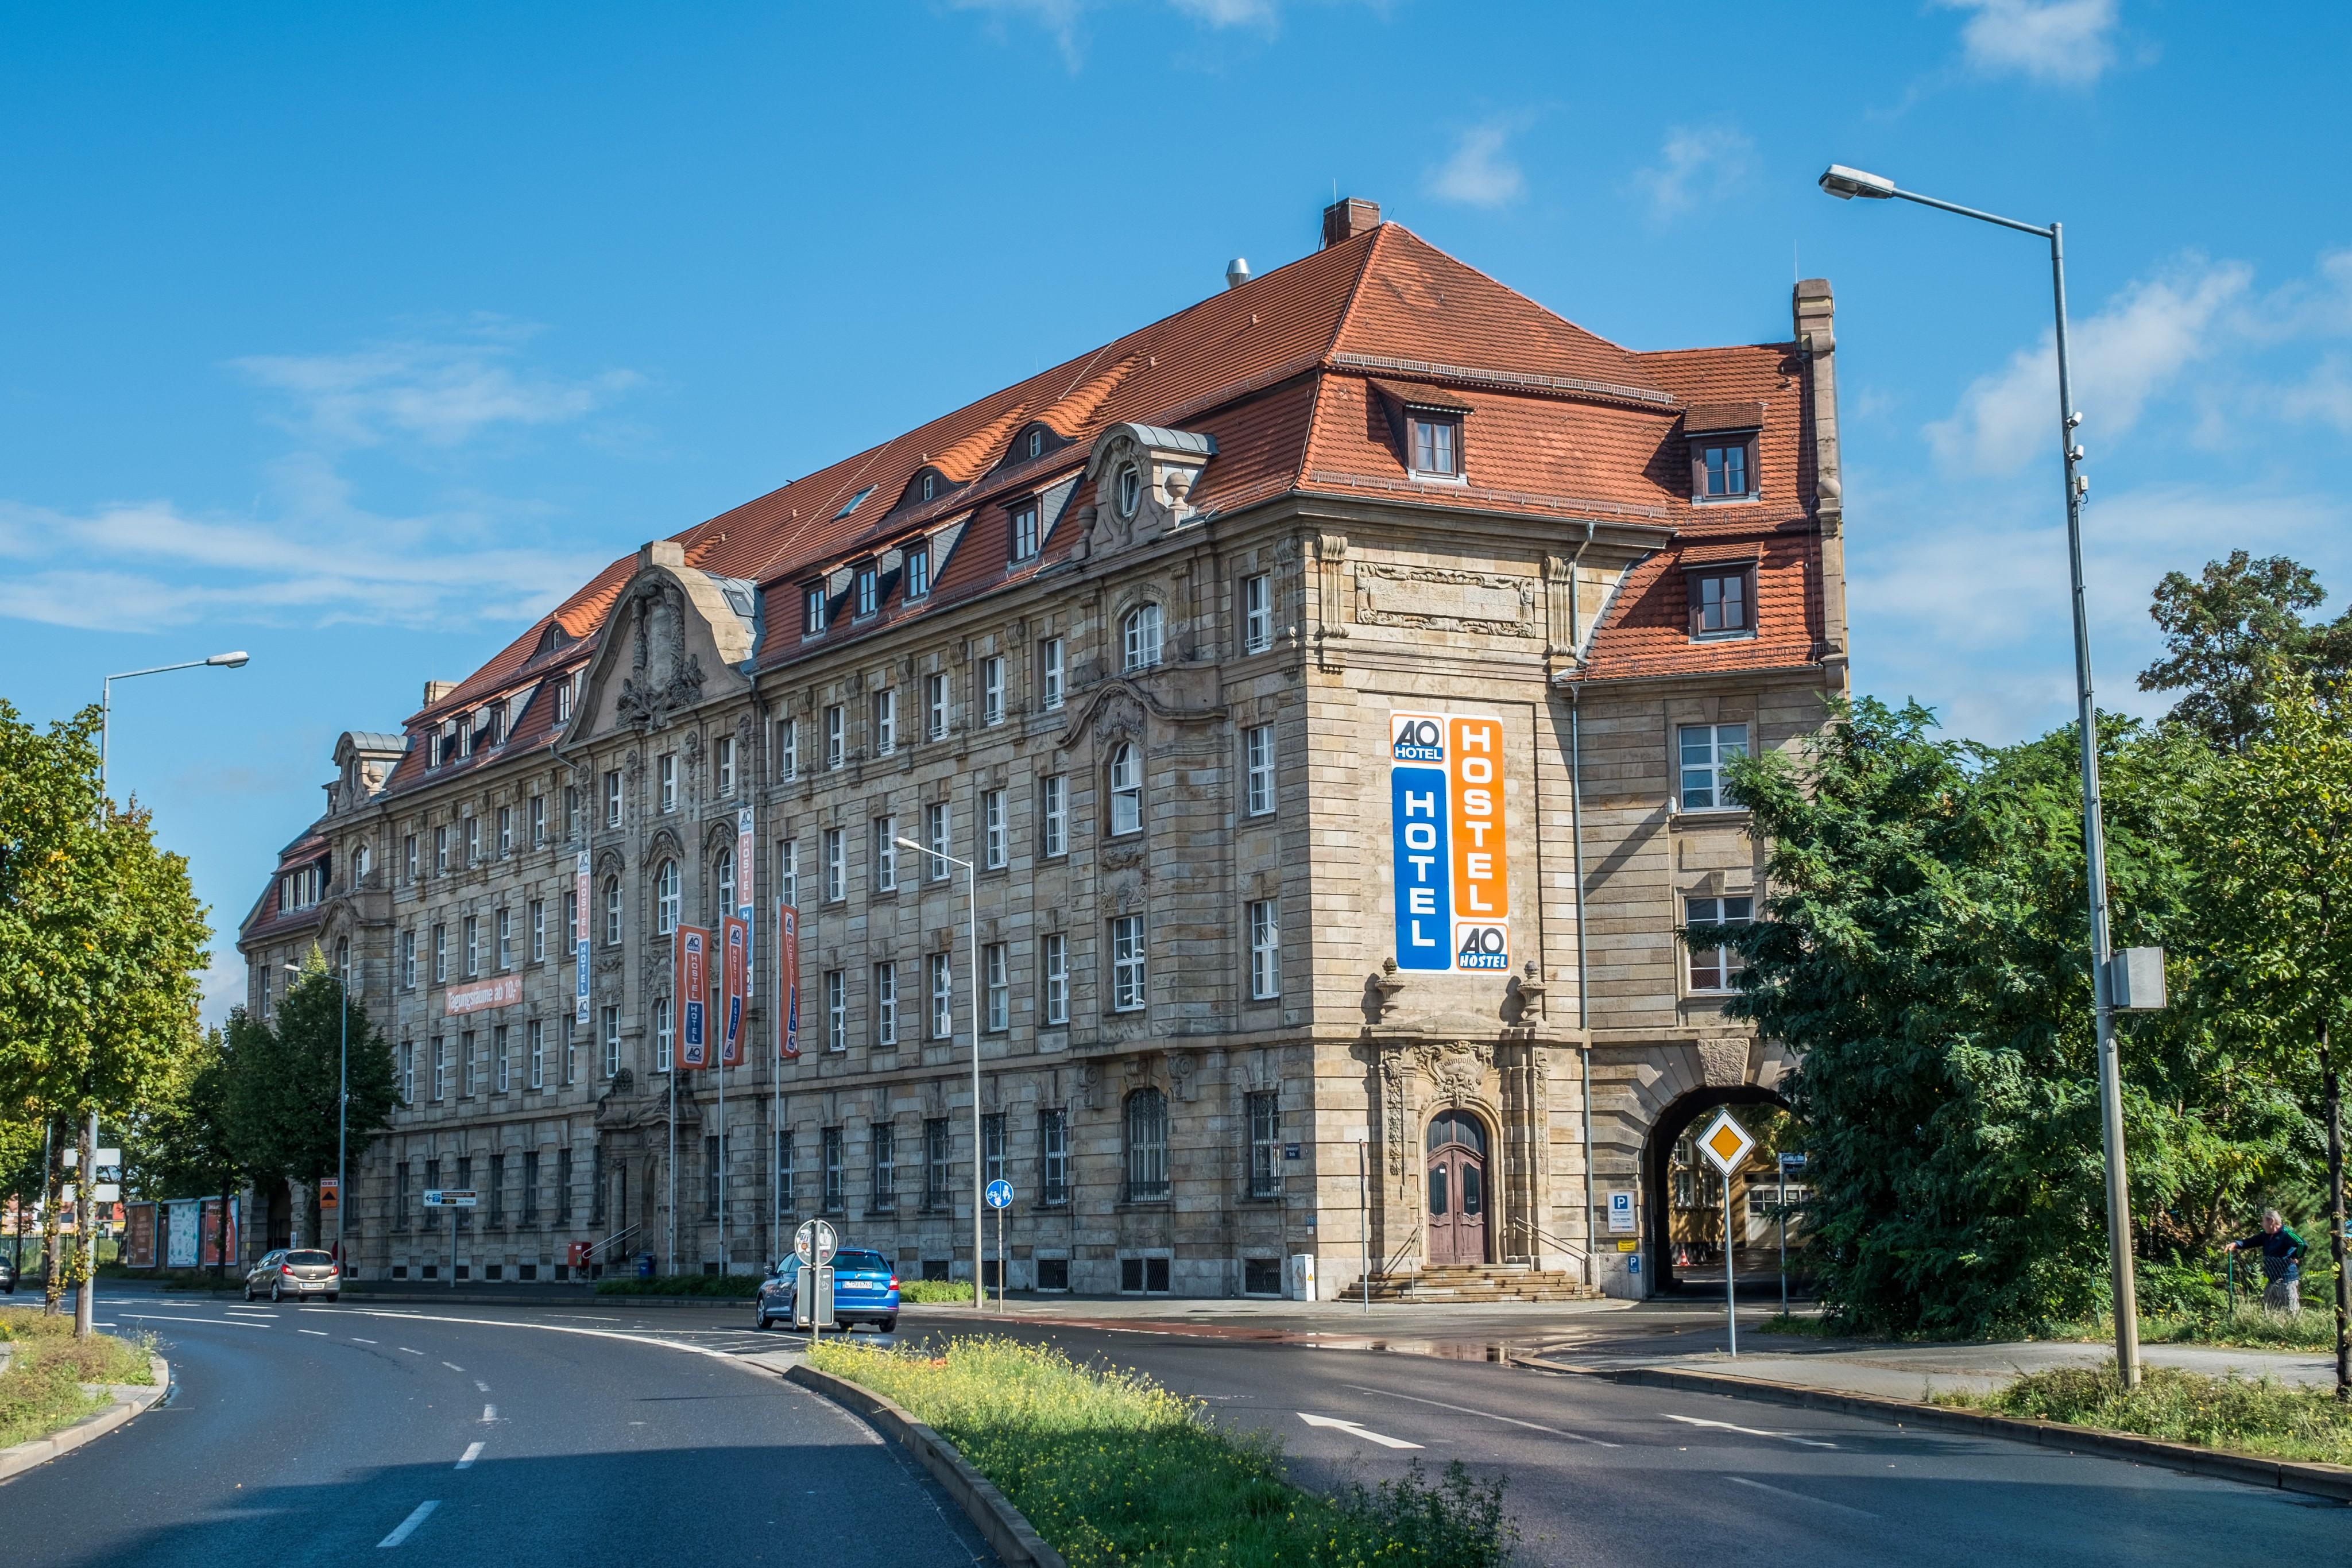 A&O Hostel Leipzig Hbf